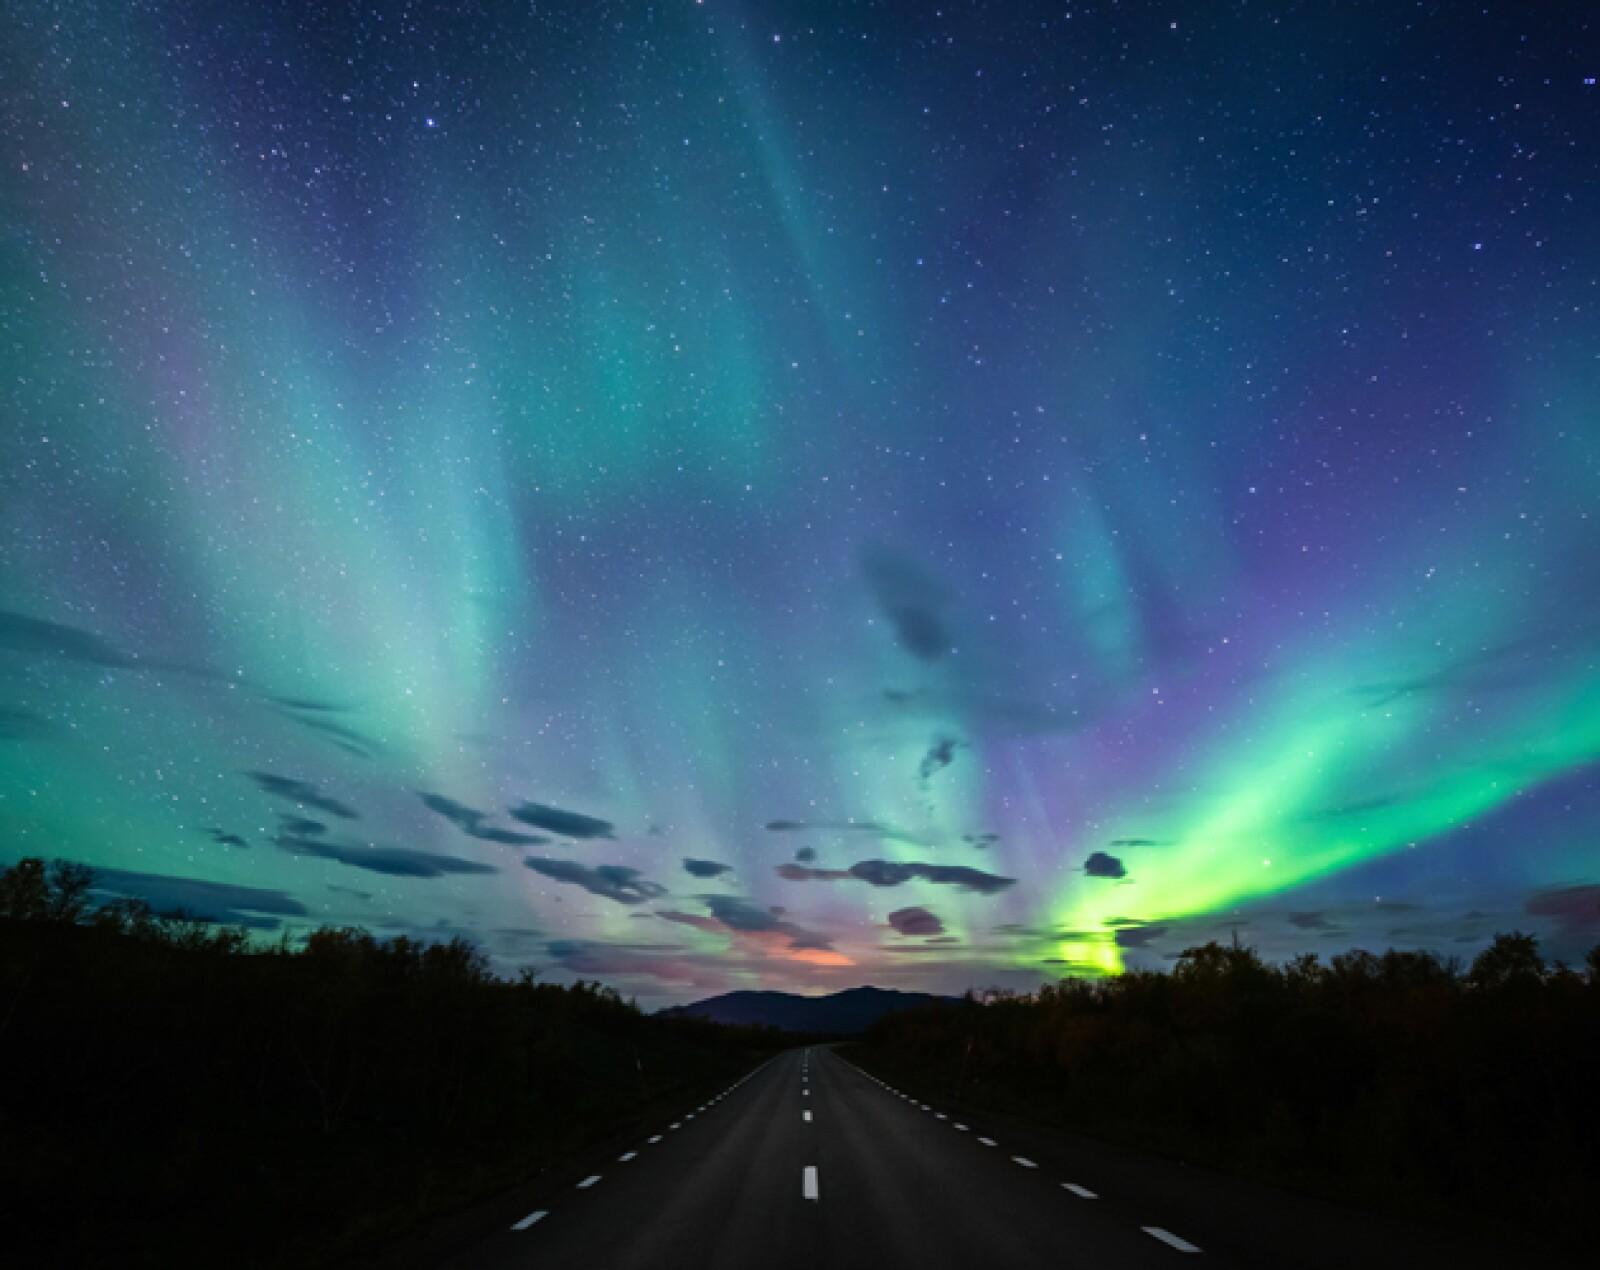 Los cazadores de auroras odian las nubes, pero aquí no tienen de qué preocuparse porque las montañas y los vientos son predominantemente favorables y crean los cielos más libres de nubes del norte ...